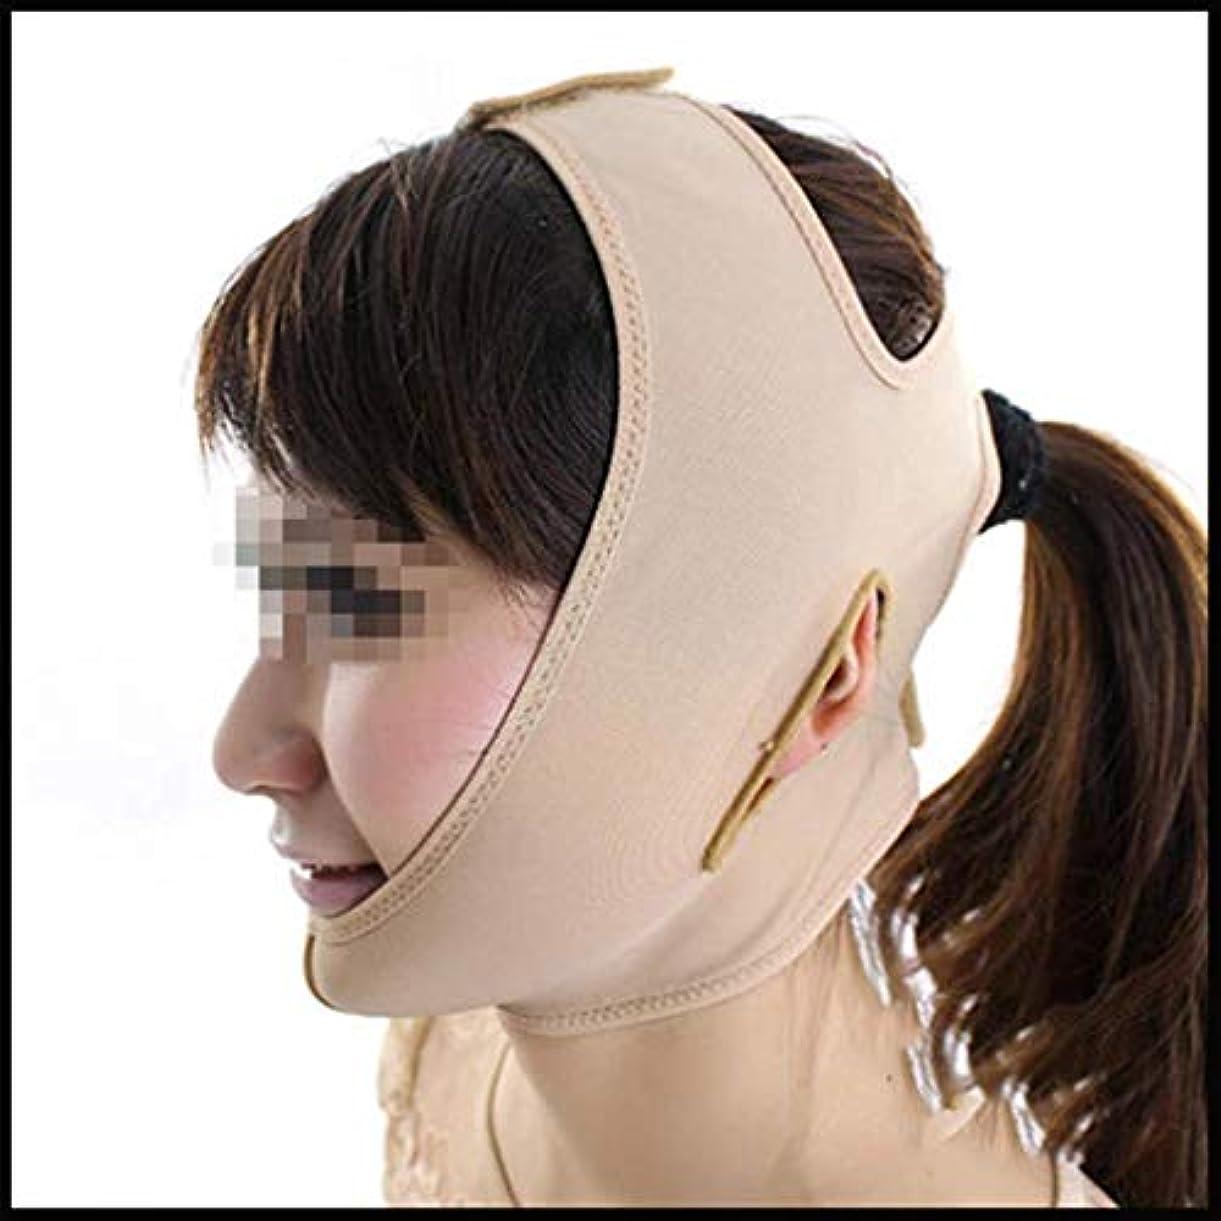 ささいな服を着る戦士フェイスリフティングバンデージ、薄いフェイスマスク薄い咬筋マッスルチンスリープフェイスリフティングフェイス付きの薄いフェイスVフェイス薄いフェイスマスク(サイズ:S)